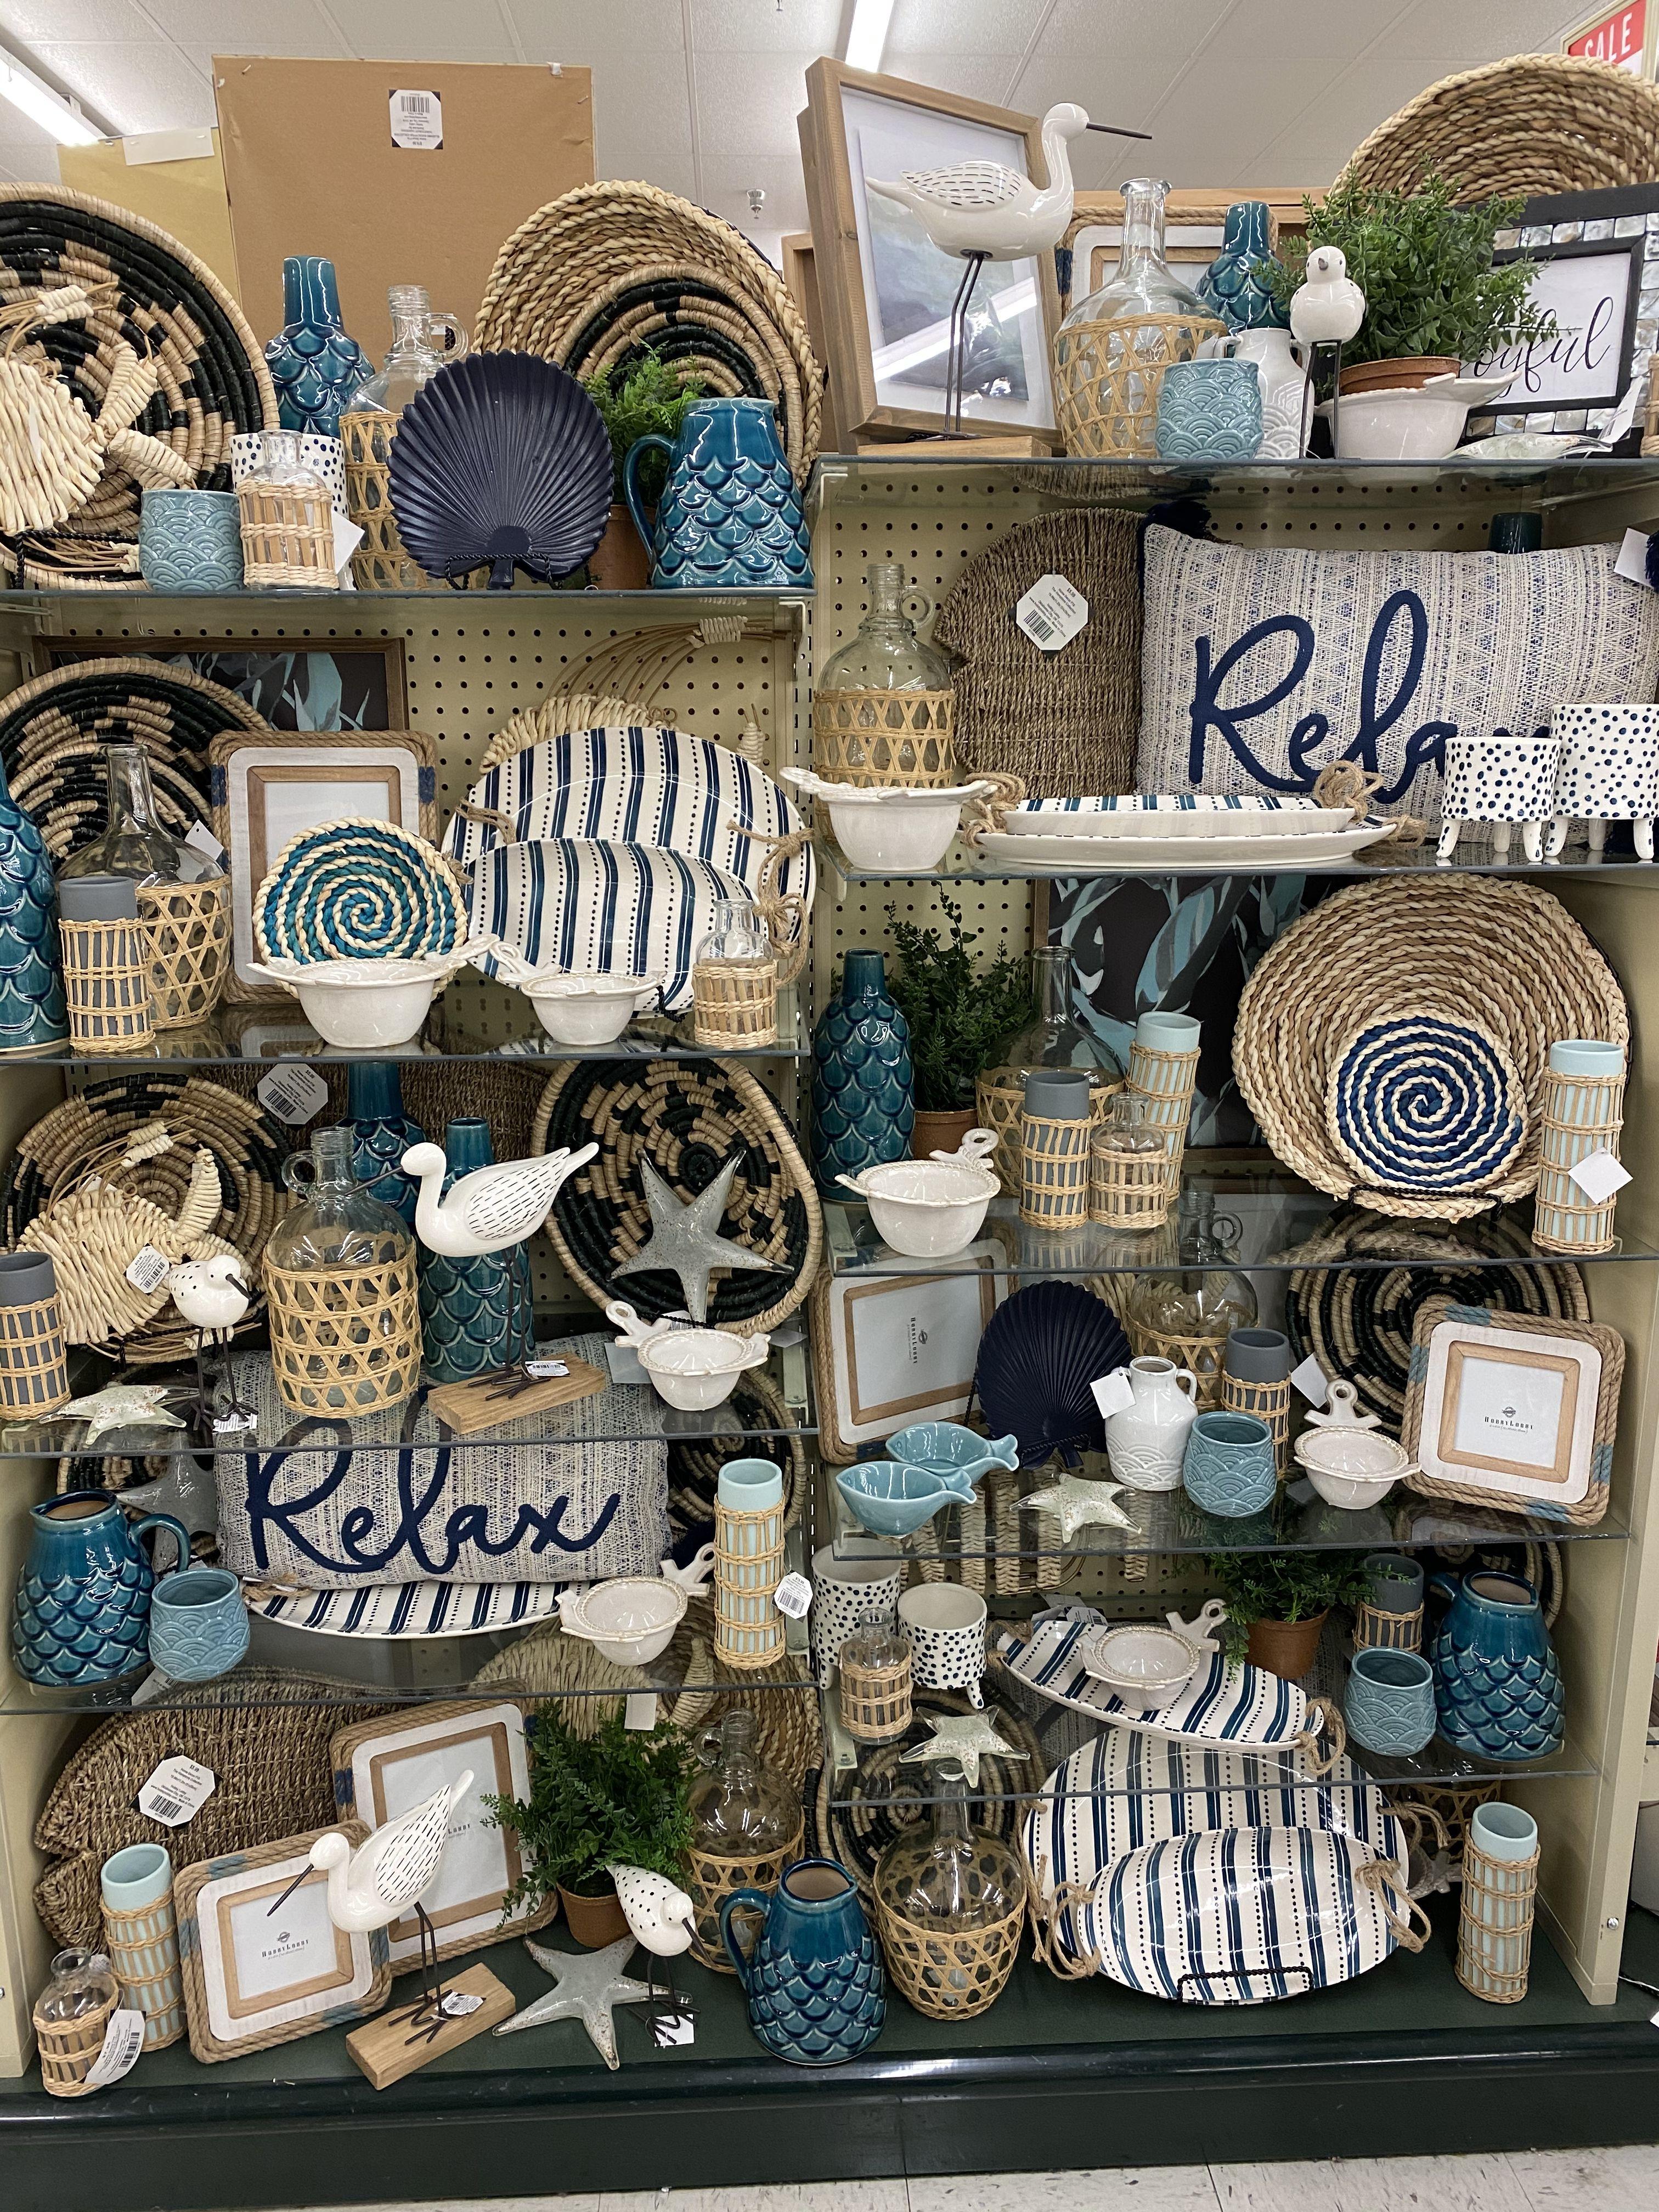 Pin by Natalie Duckworth Wright on Hobby Lobby | Decor ...